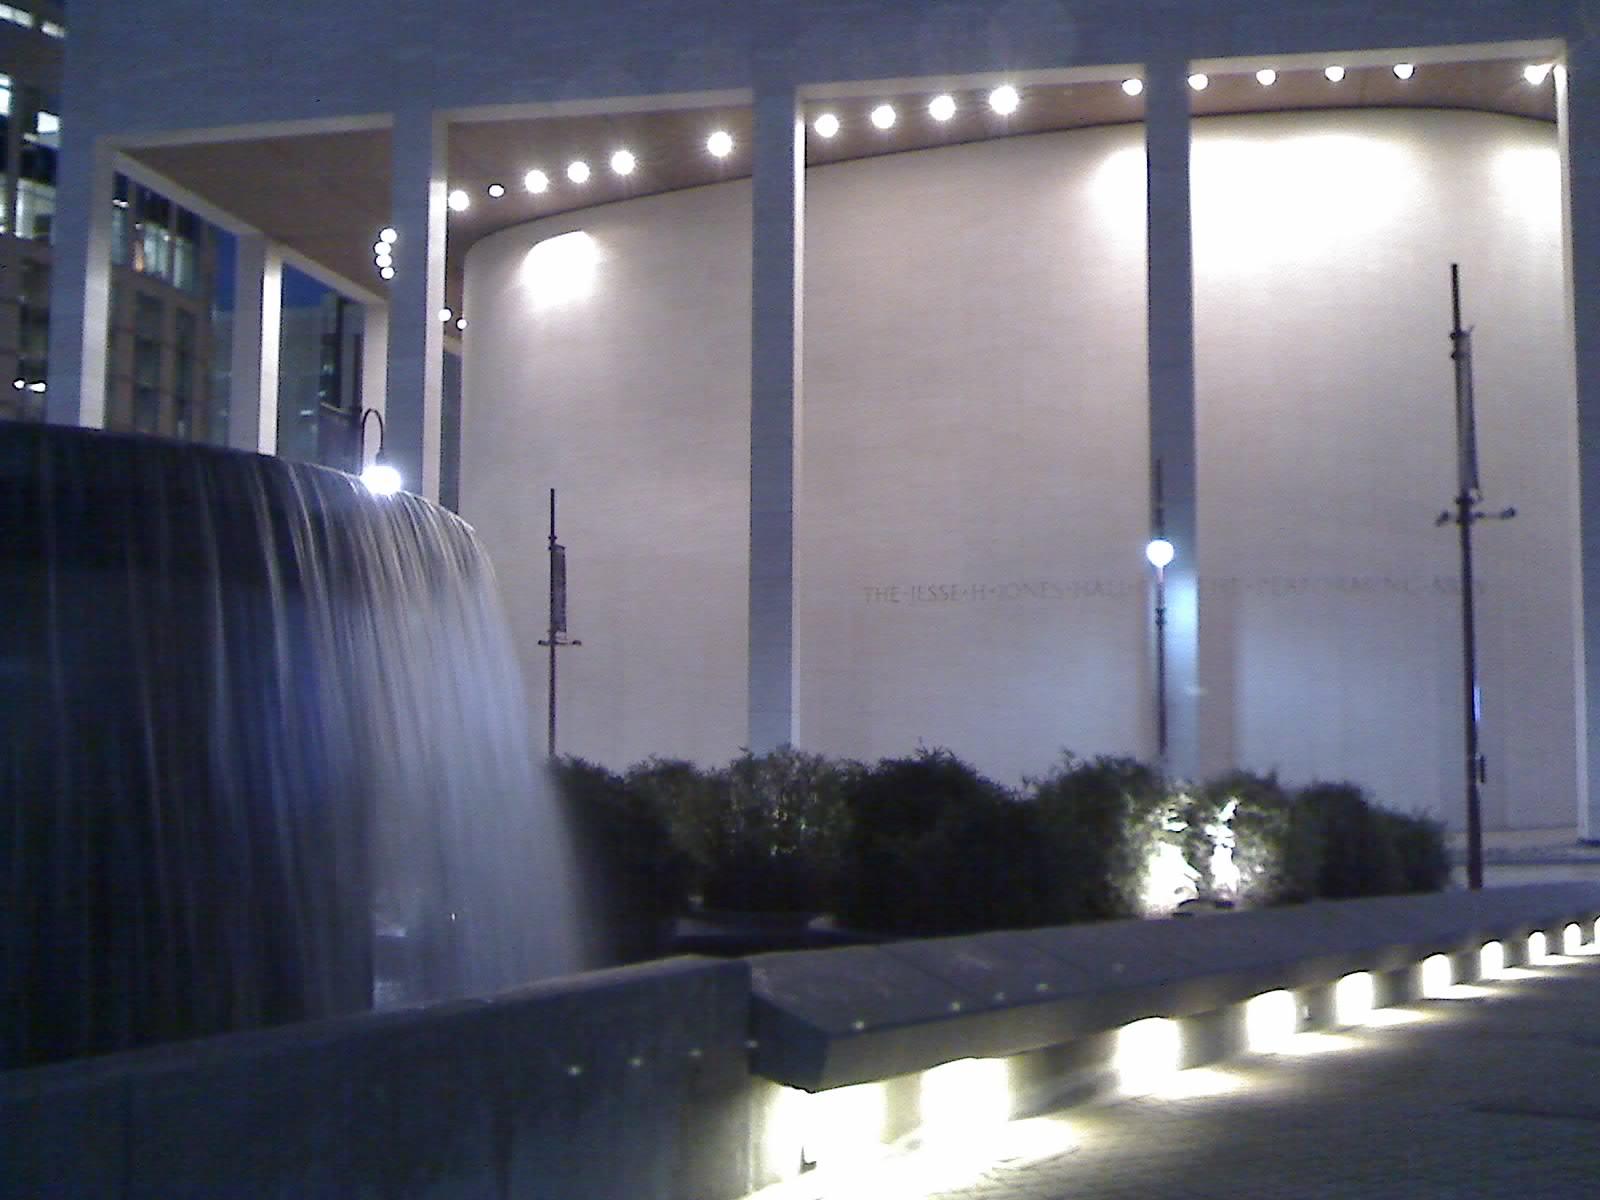 jonesplaza-fountain